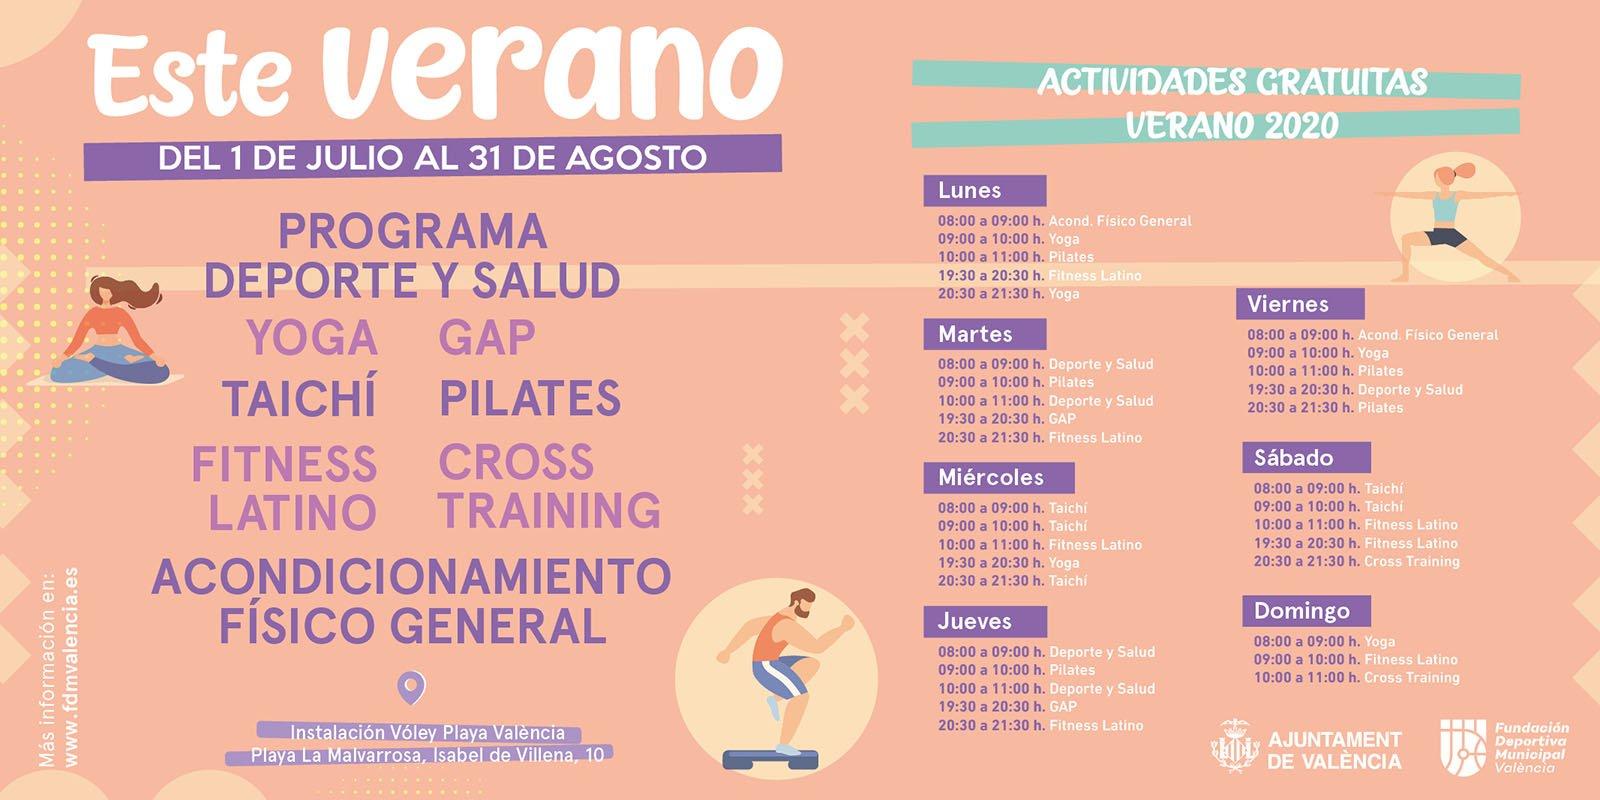 Actividades Deportivas Verano Playa Valencia Horarios 2020b